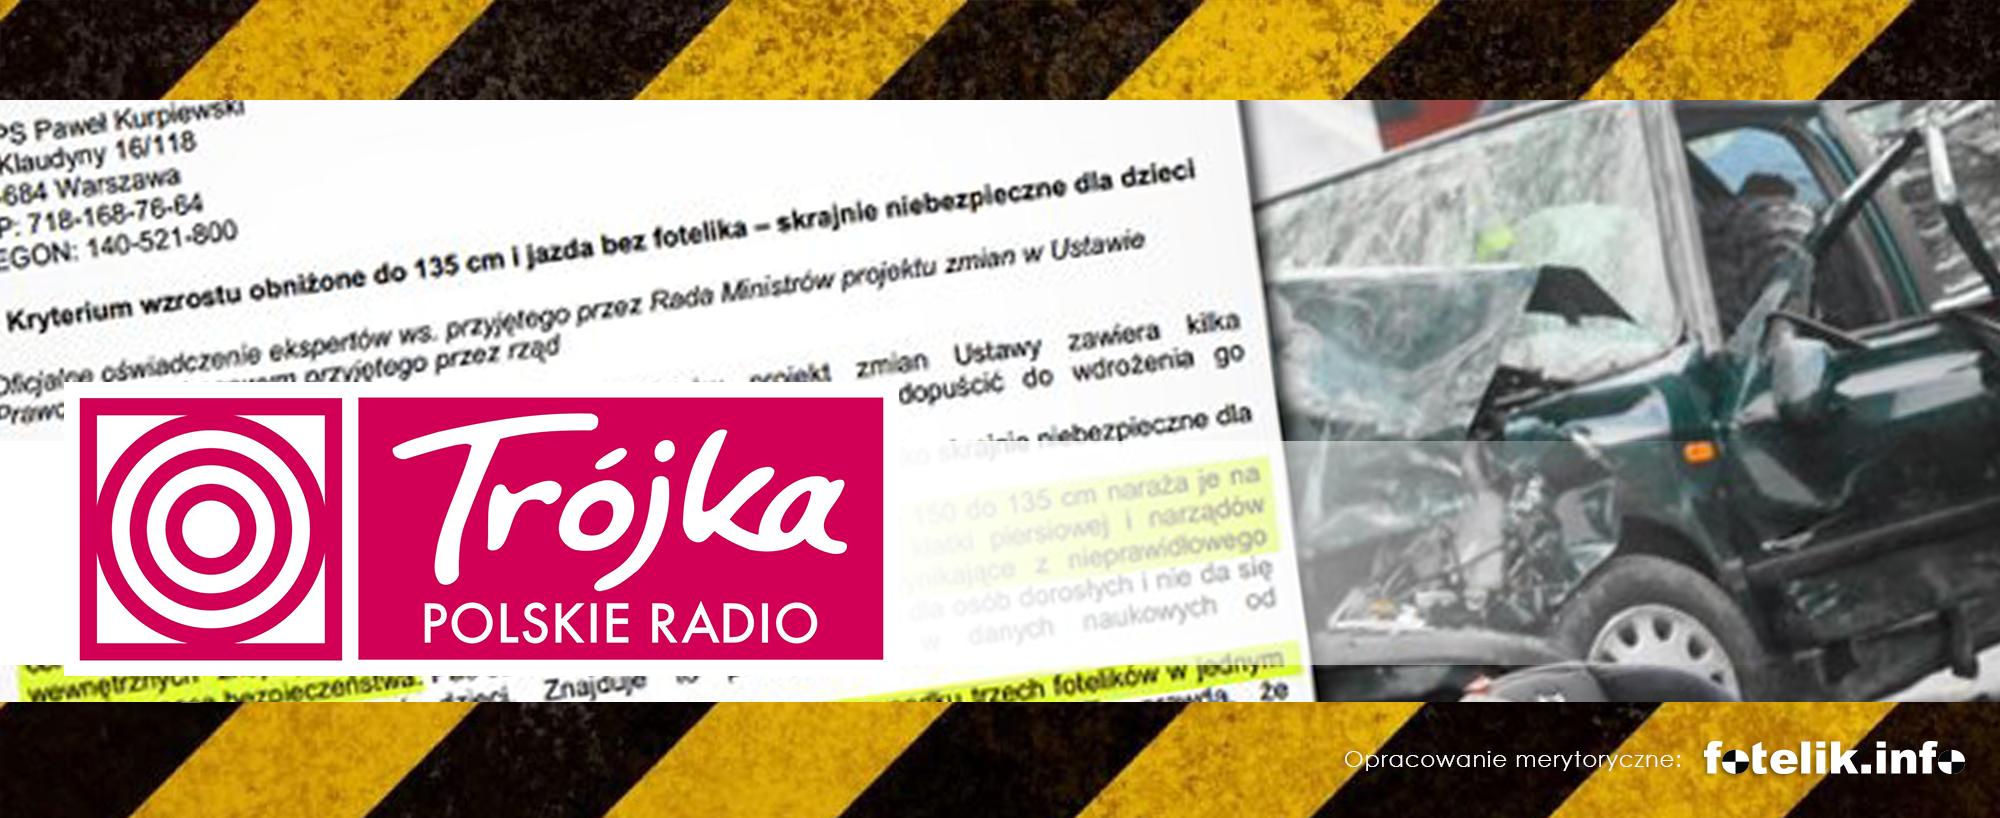 Paweł Kurpiewski w audycji porannej w PR3: 135 cm wzrostu i jazda bez fotelika to śmiertelnie niebezpieczny pomysł!